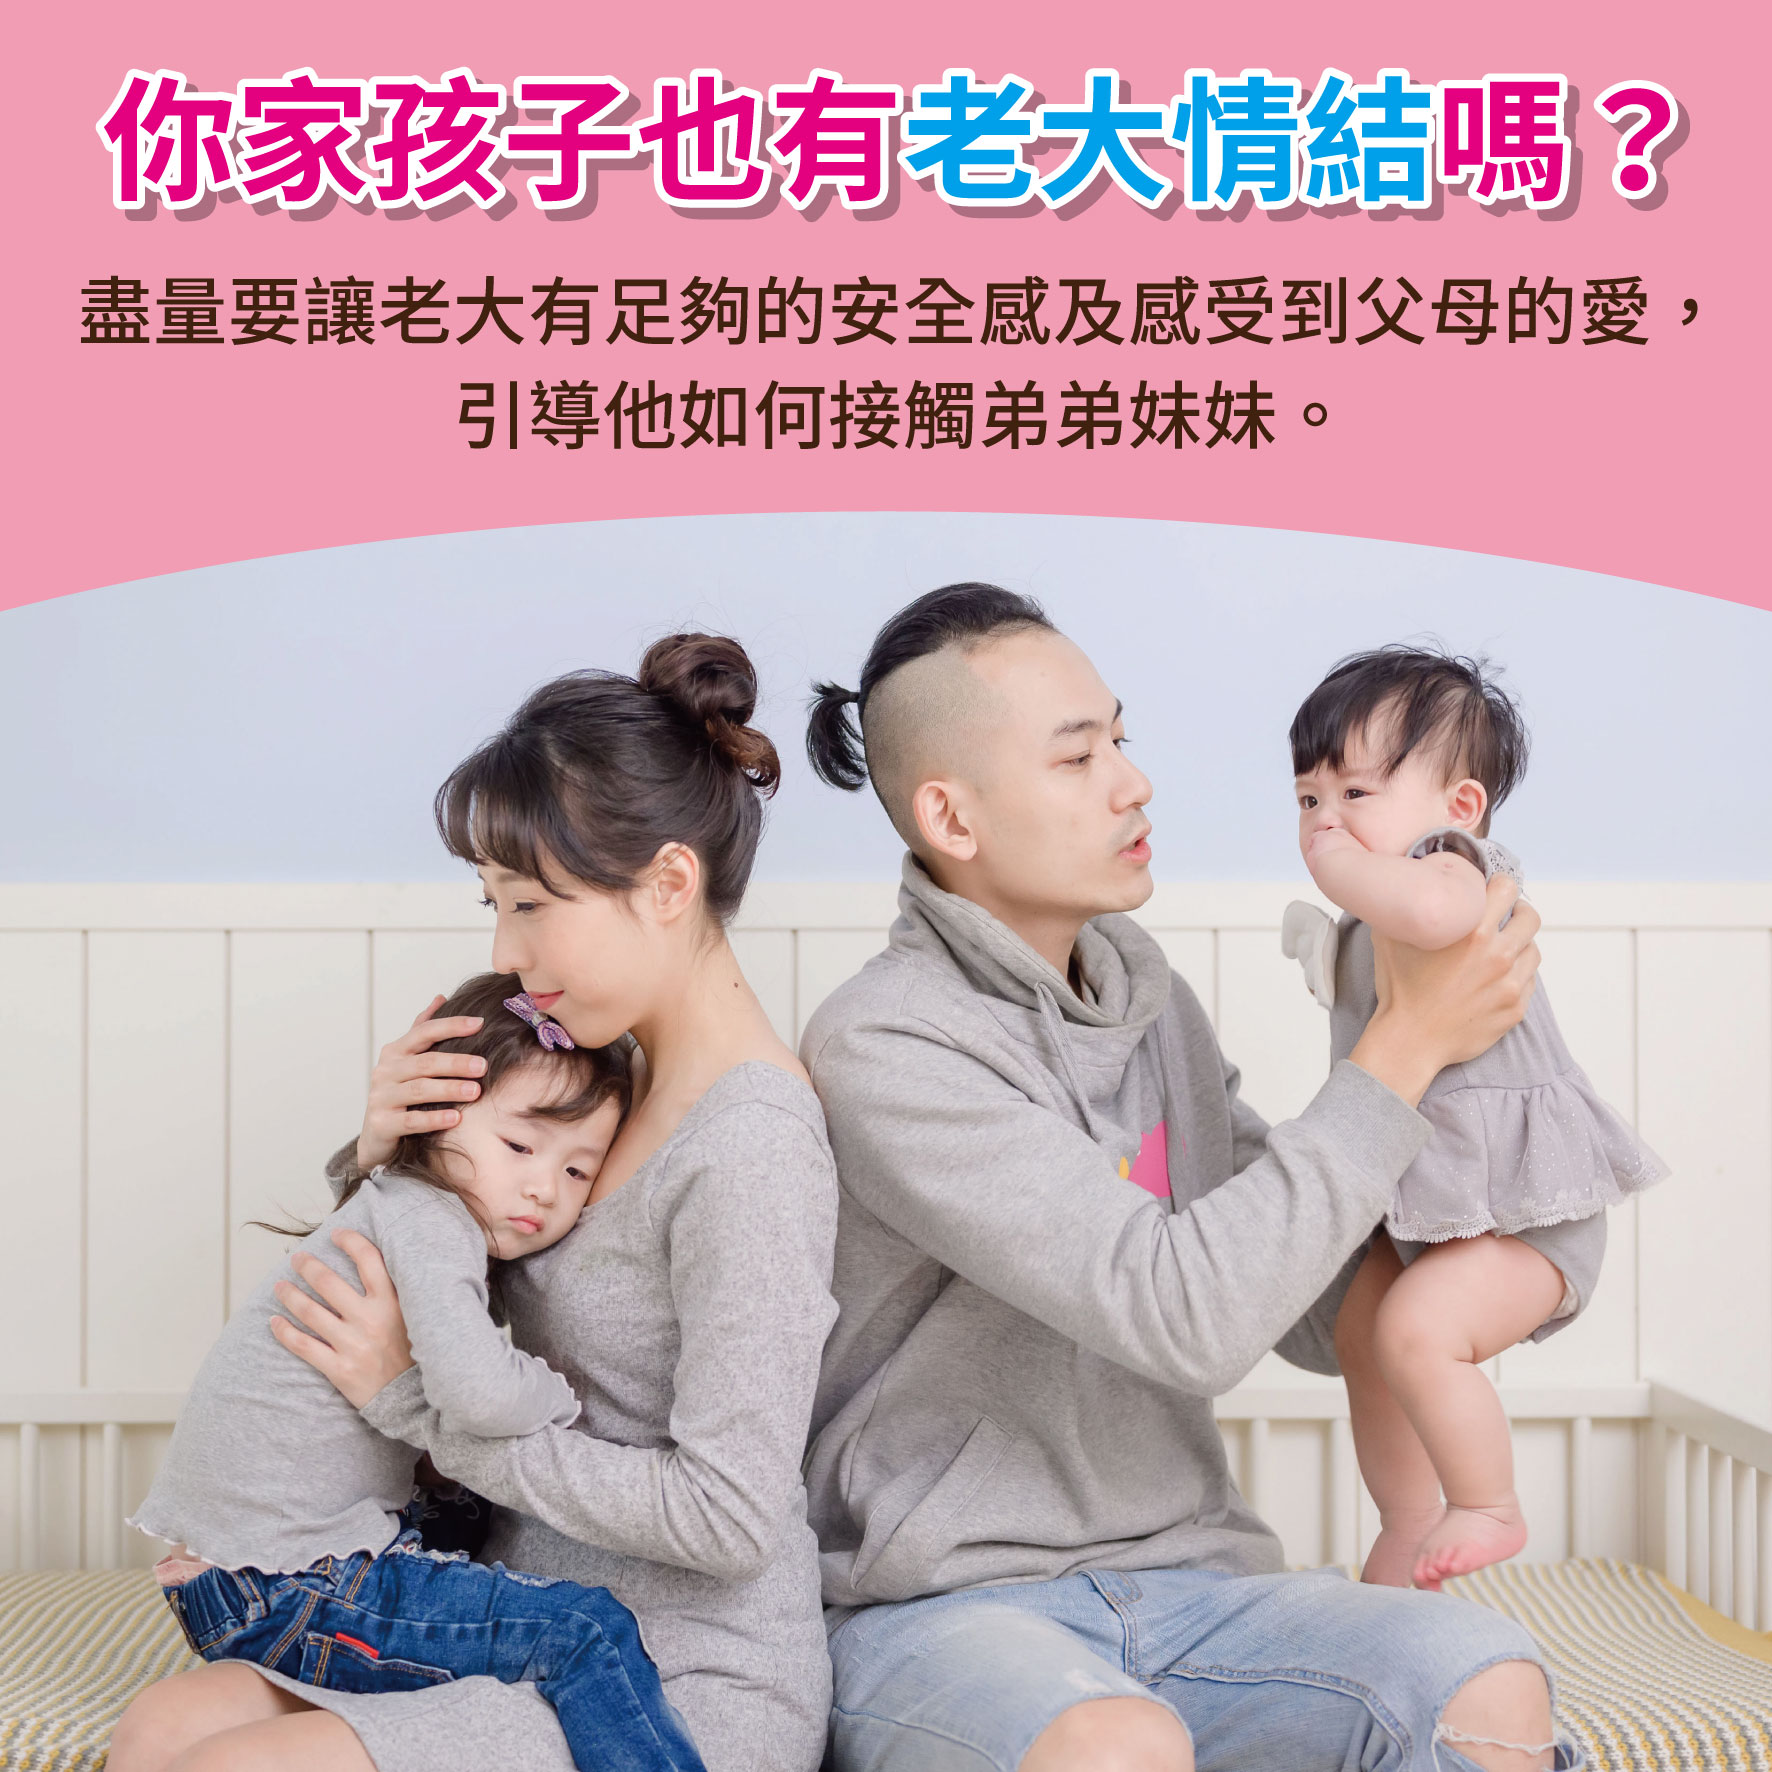 幼兒2歲(第30週)你家孩子也有老大情節嗎?